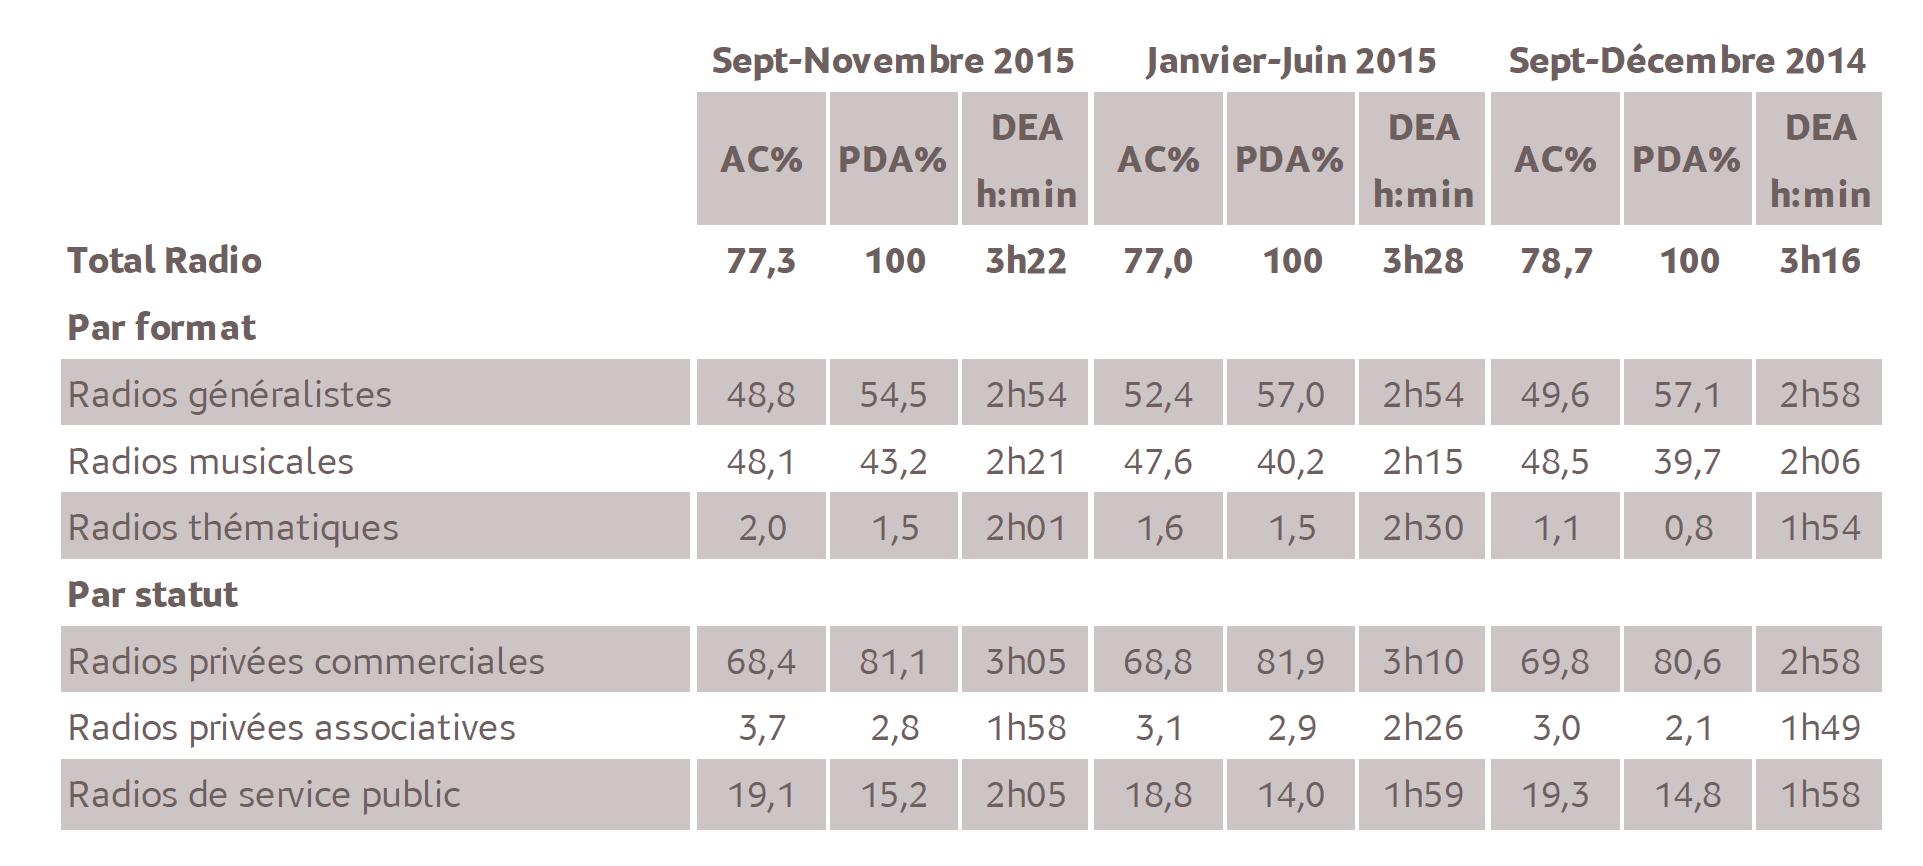 Source : Médiamétrie - Métridom Réunion Septembre-Novembre 2015- 13 ans et plus - Copyright Médiamétrie - Tous droits réservés